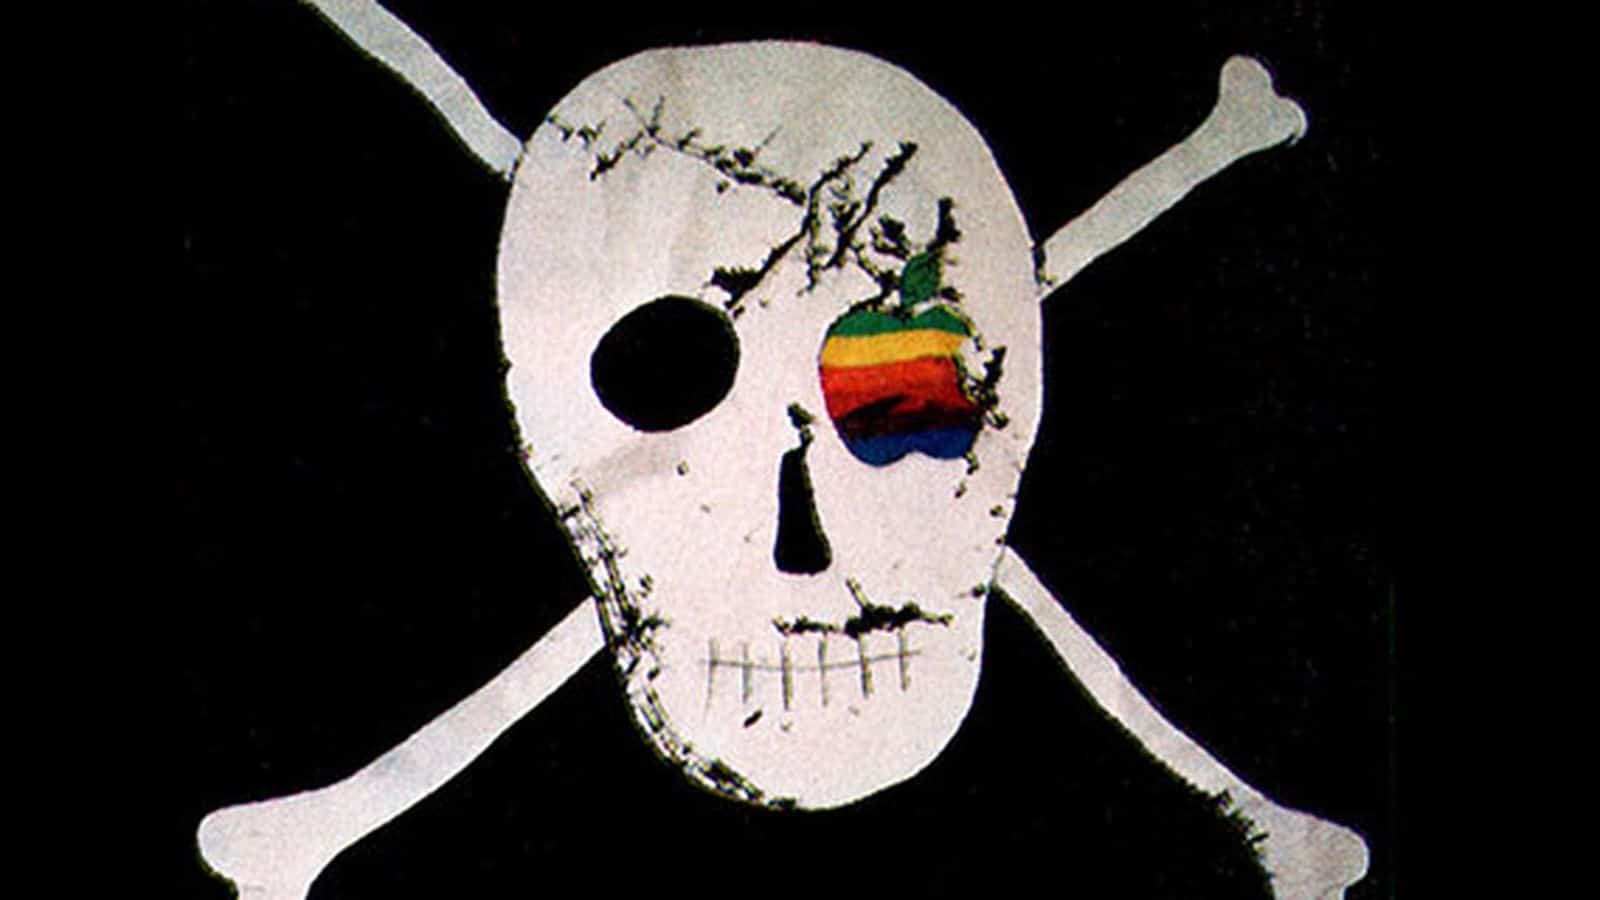 ธงโจรสลัดที่ใช้ในทีมงาน Macintosh